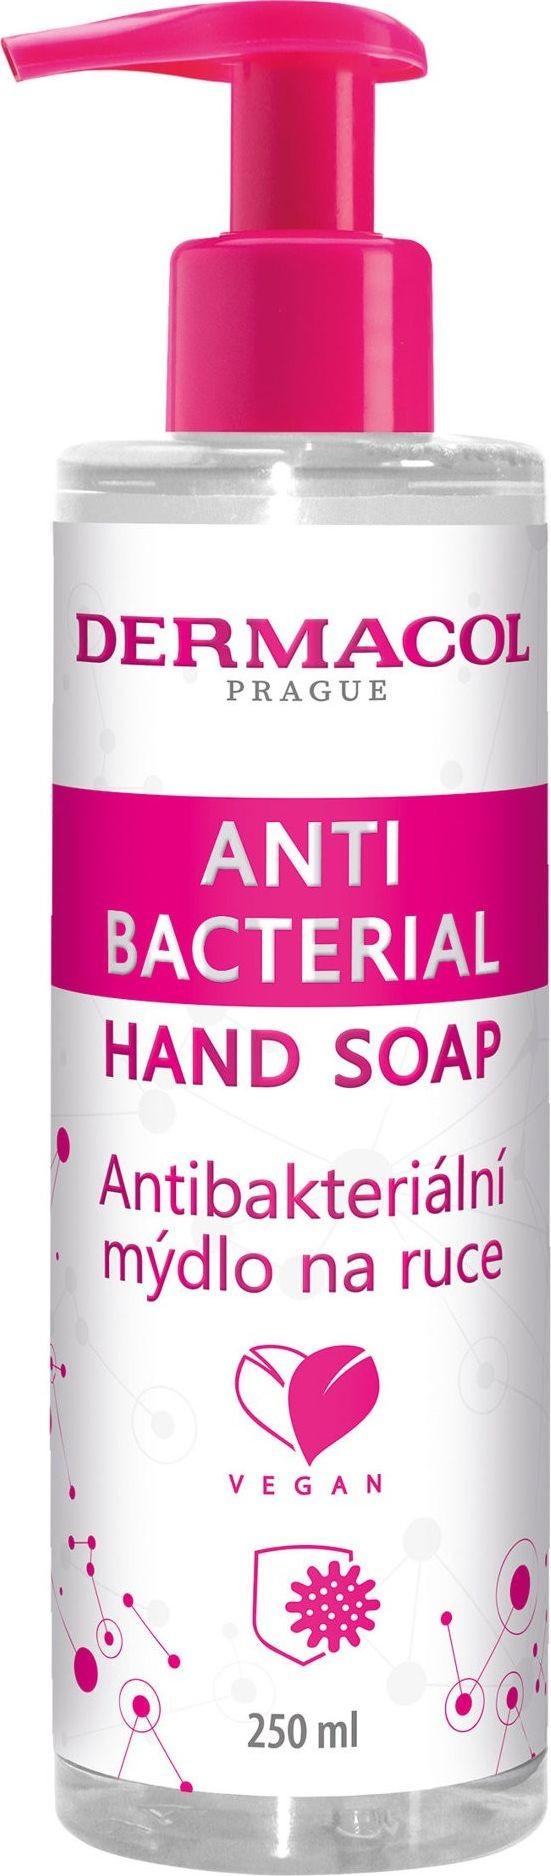 Dermacol Antibacterial Mydło w płynie 250ml 103811